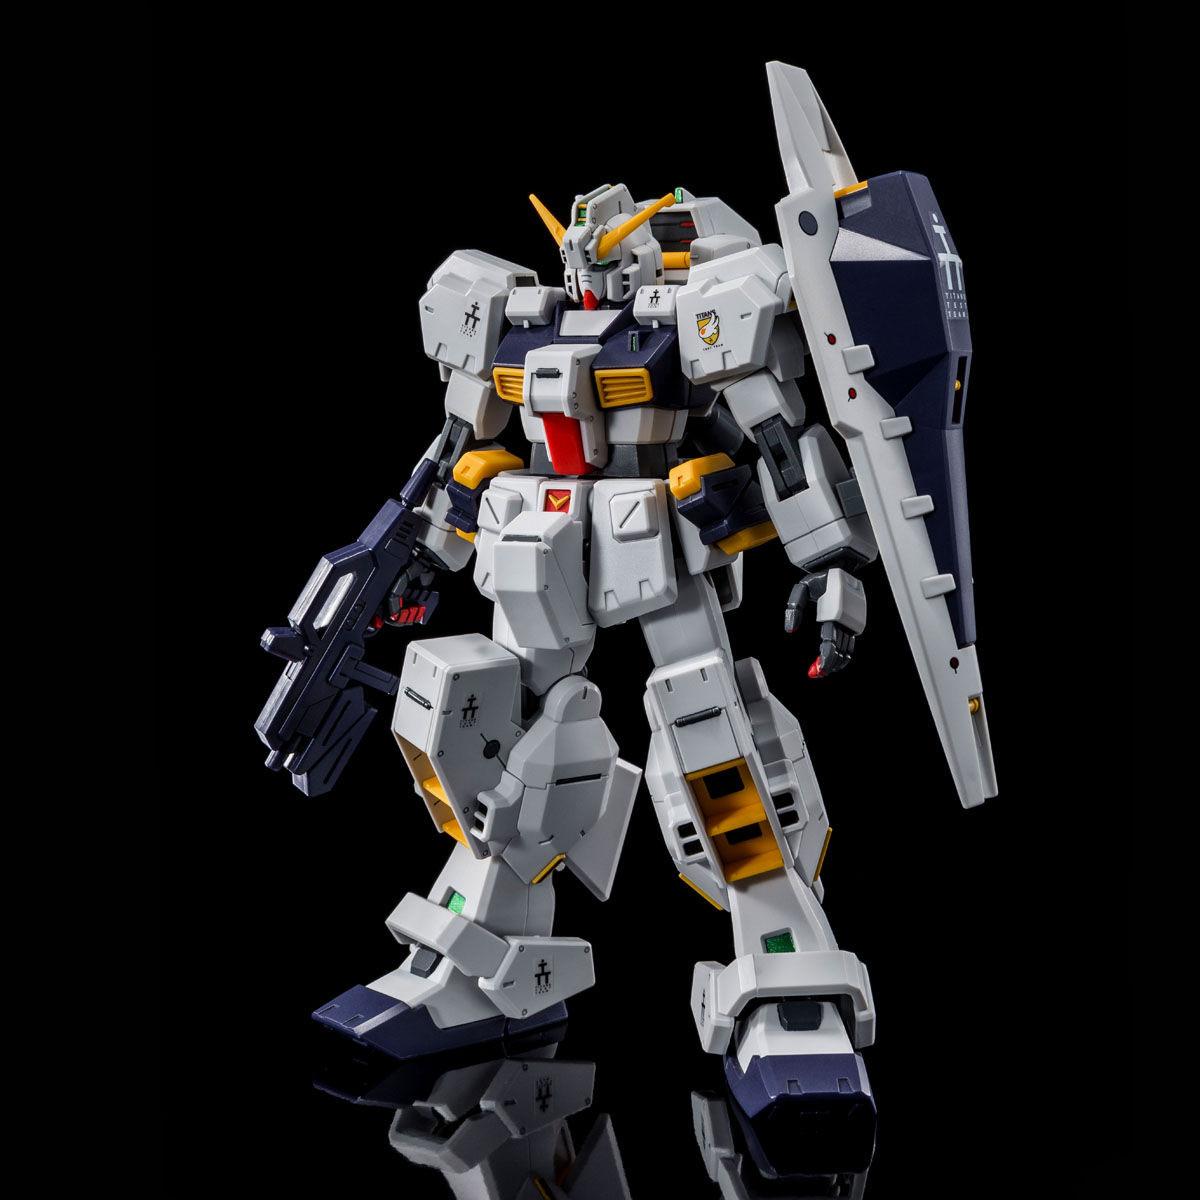 HG 1/144『ガンダムTR-1[ヘイズル改]&ガンダムTR-6用拡張パーツ』プラモデル-002